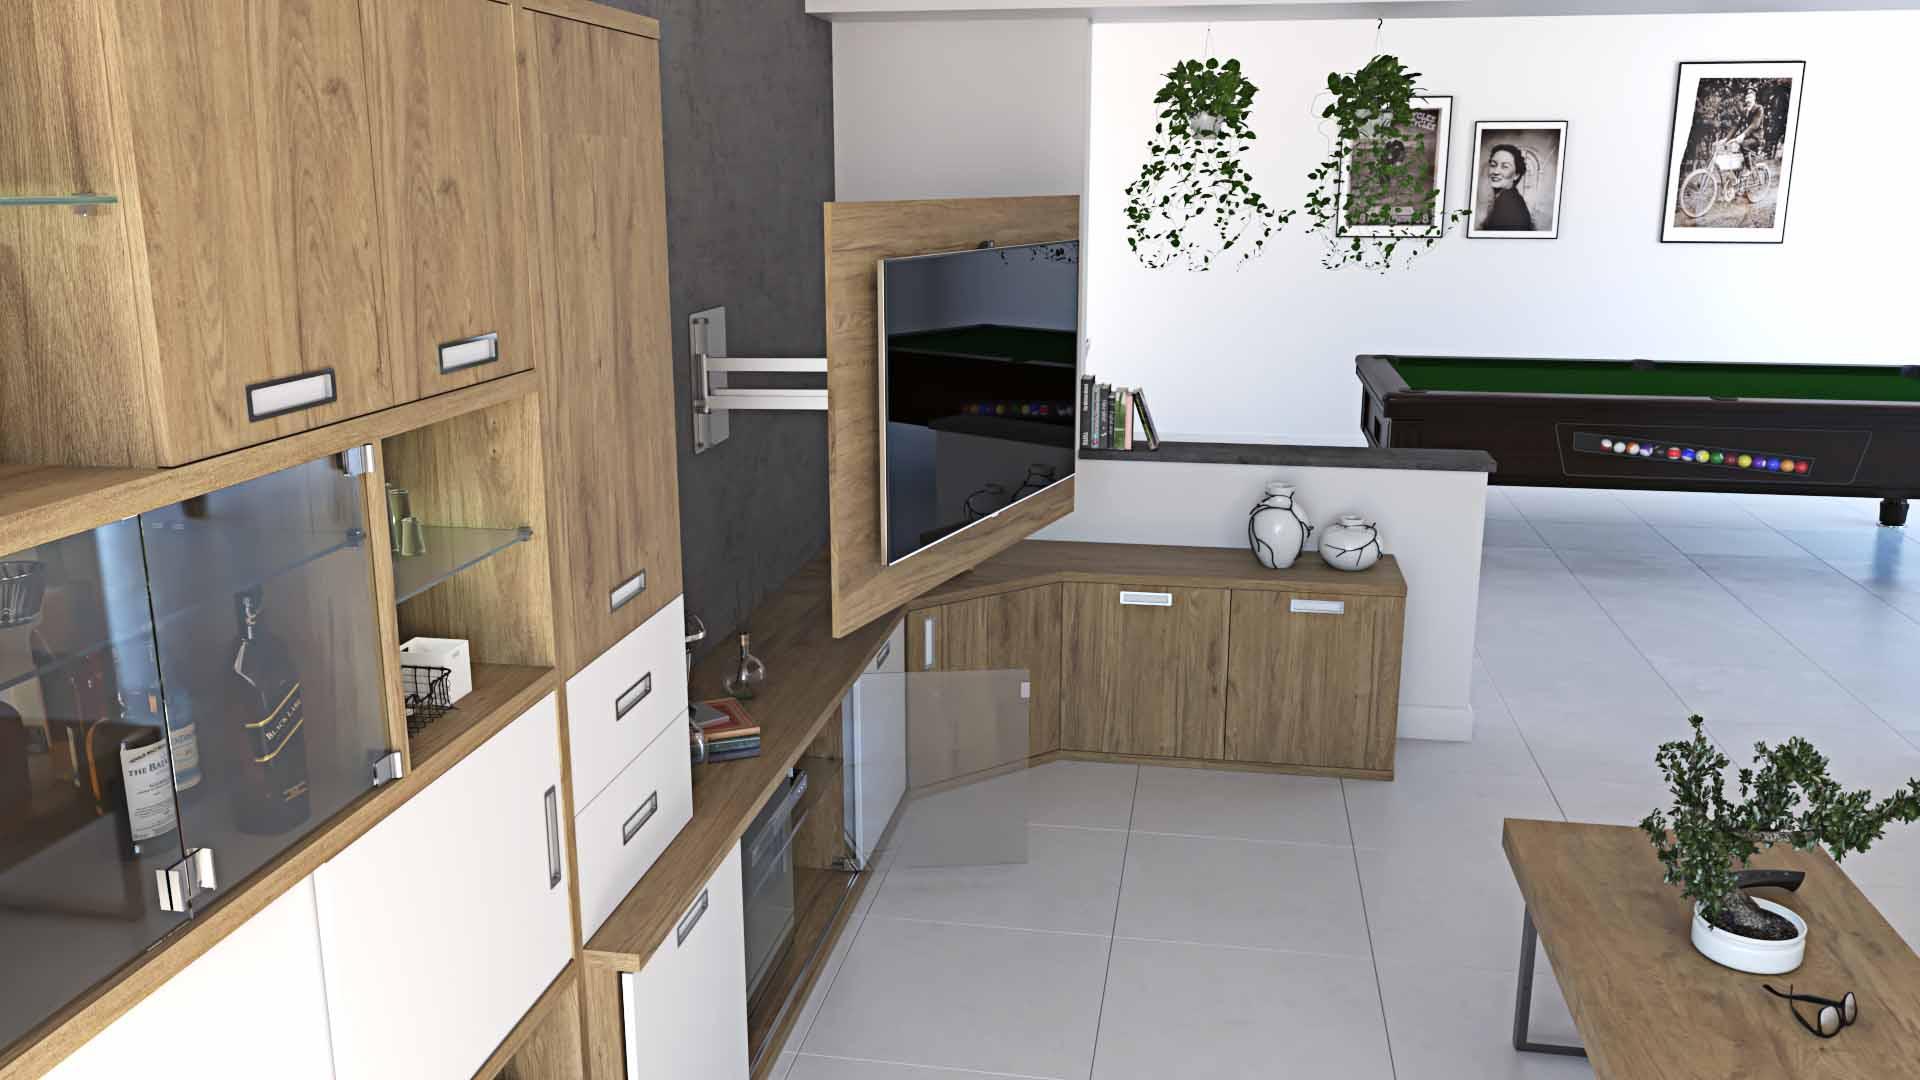 Ideh bita mueble de sal n en esquina con soporte tv for Mueble tv esquina